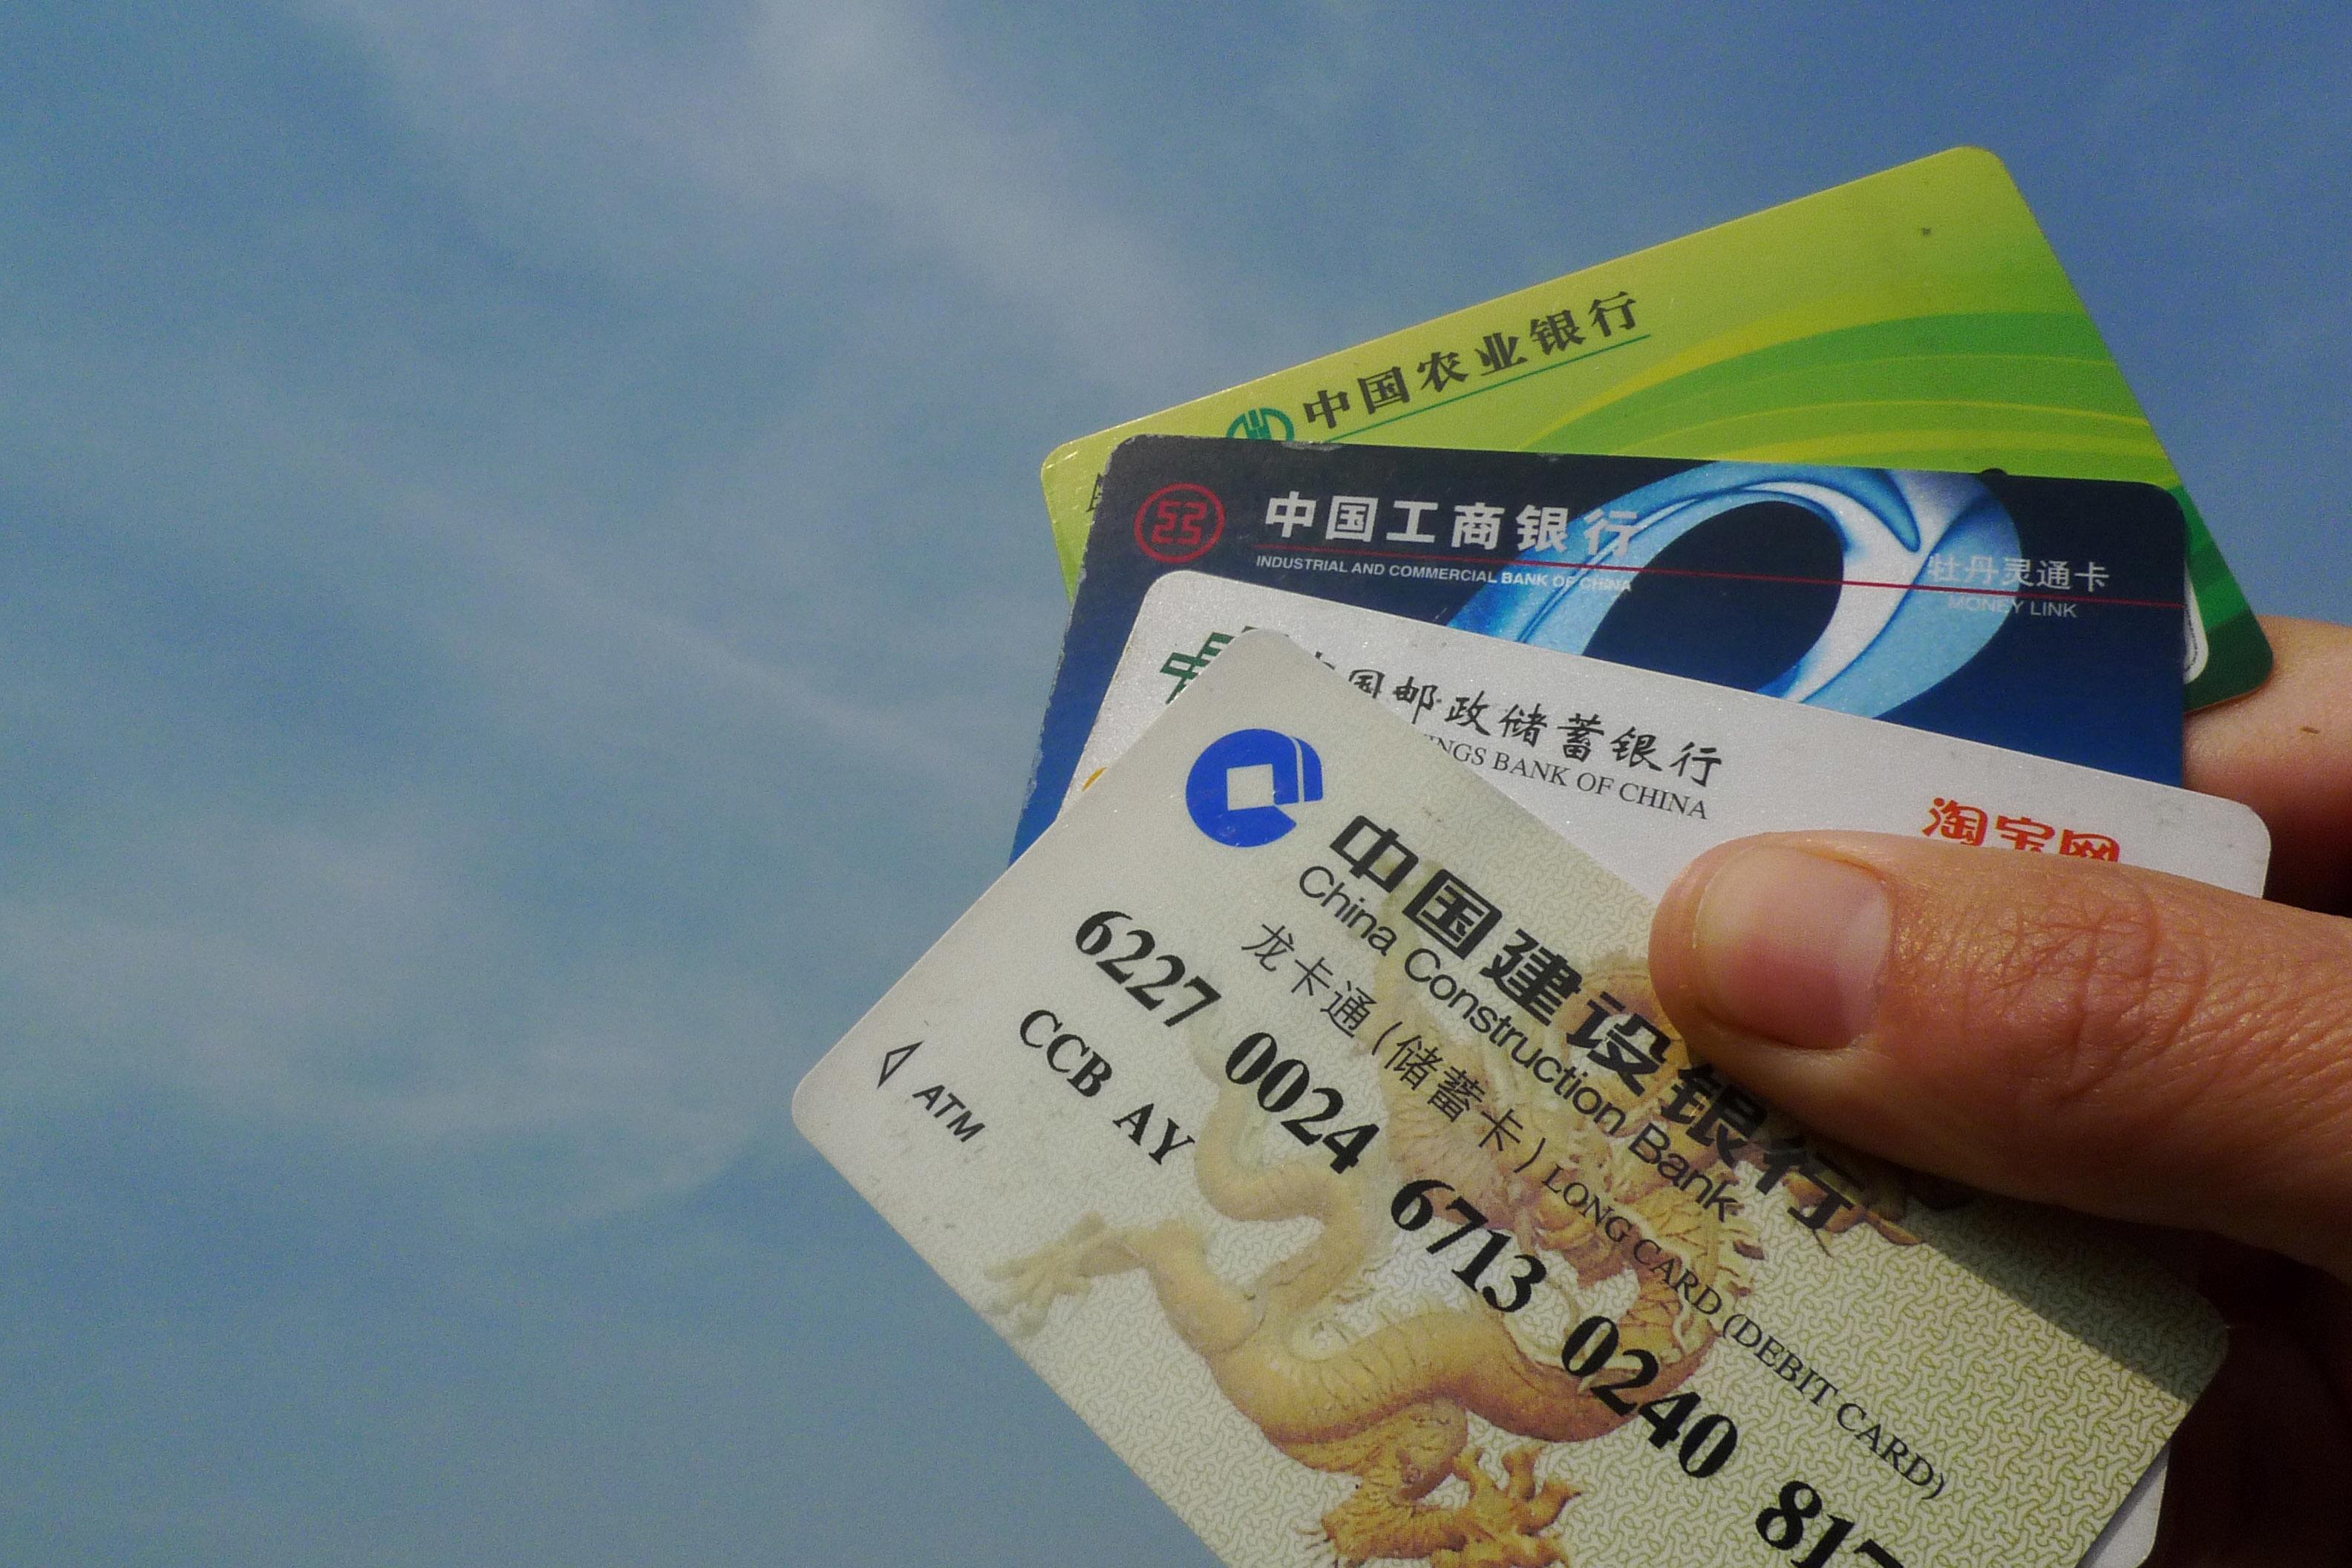 信用卡提额,最容易陷进的3个误区,银行早已洞察一切!